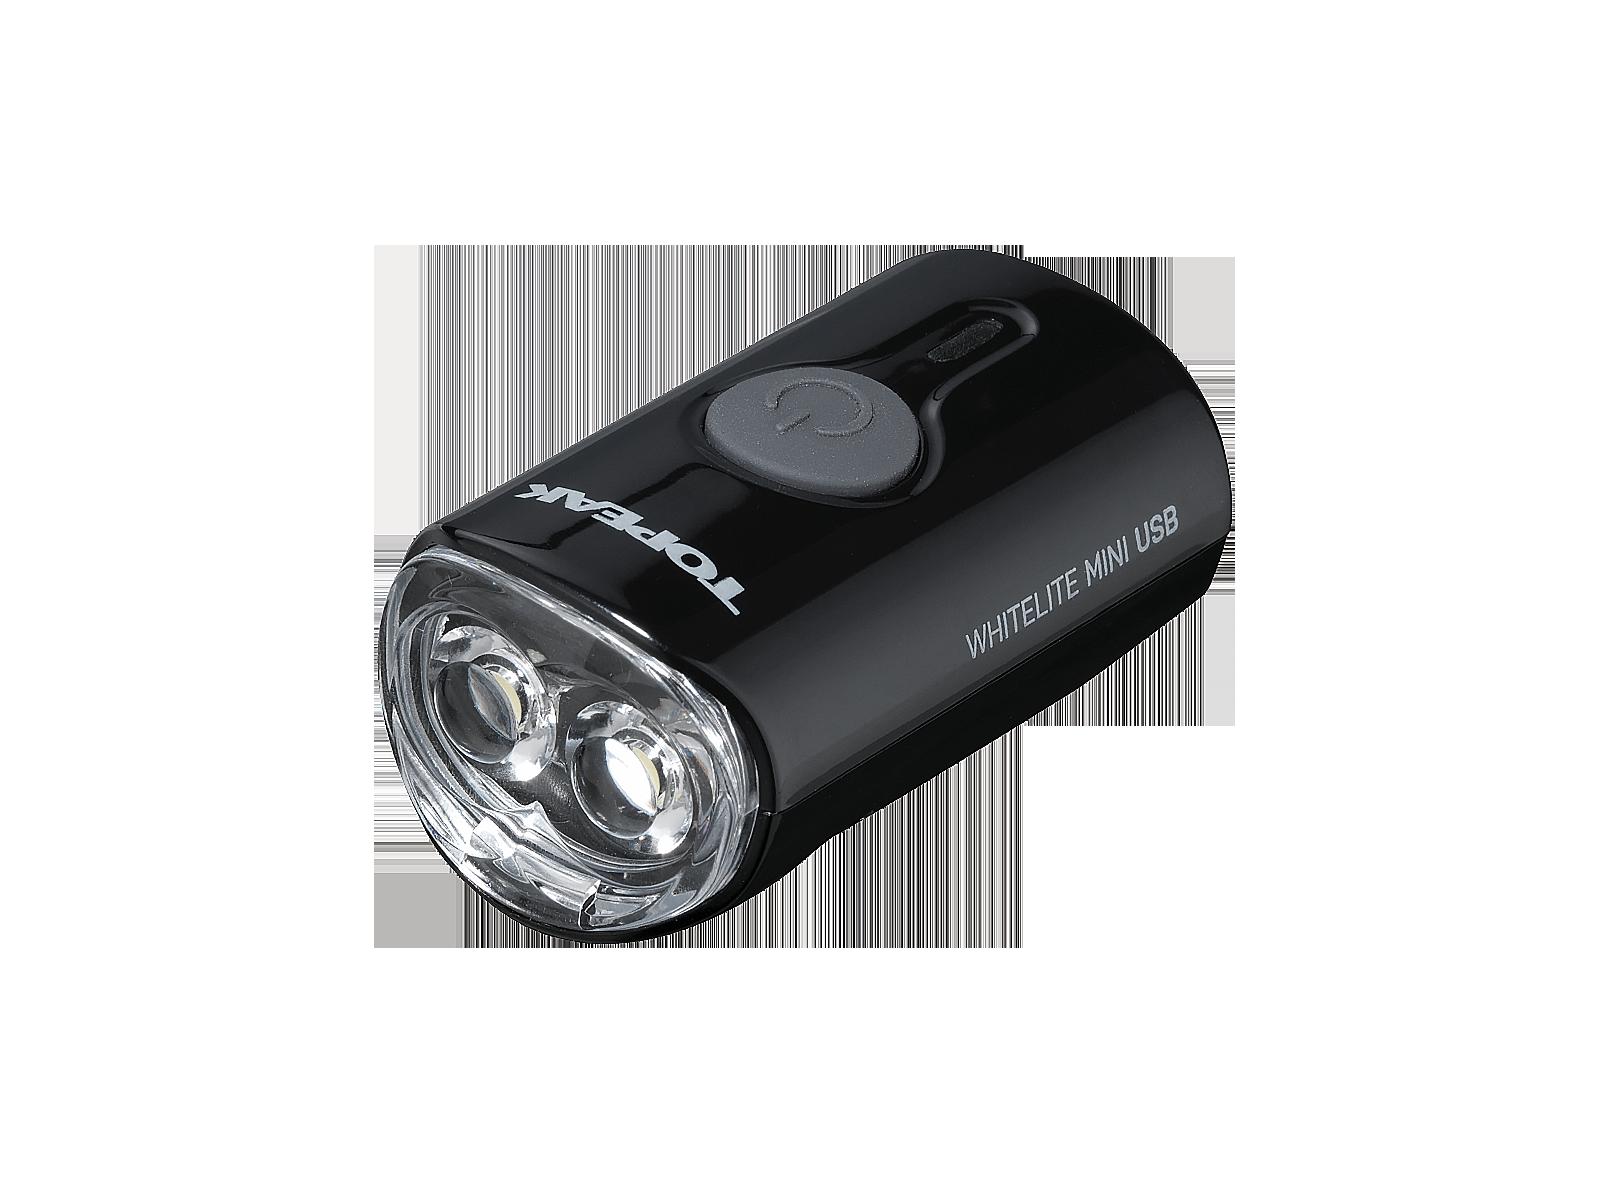 WHITELITE® MINI USB   Topeak